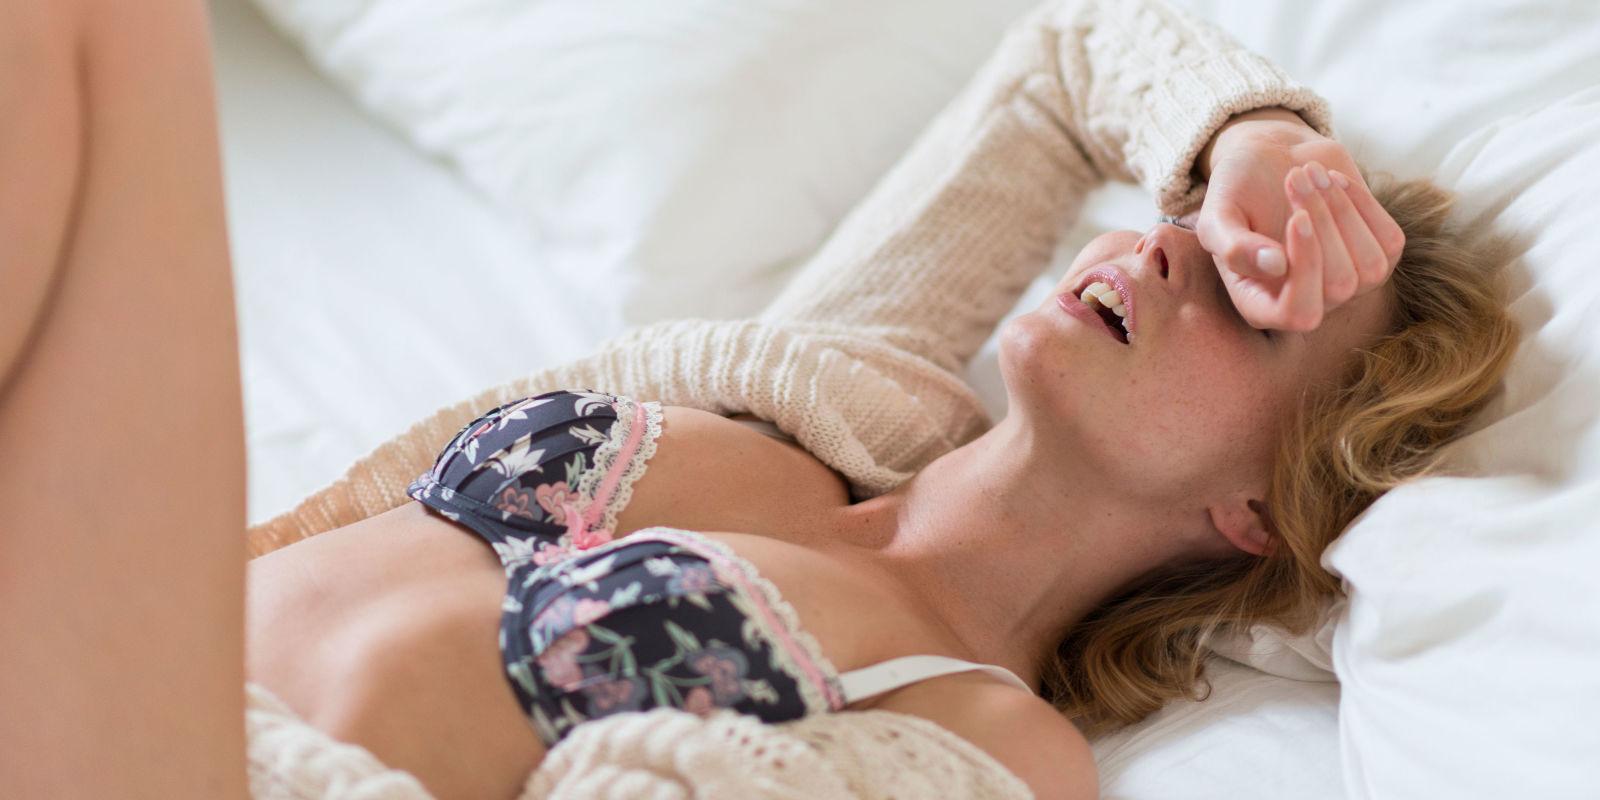 Jap nude massage free movtes